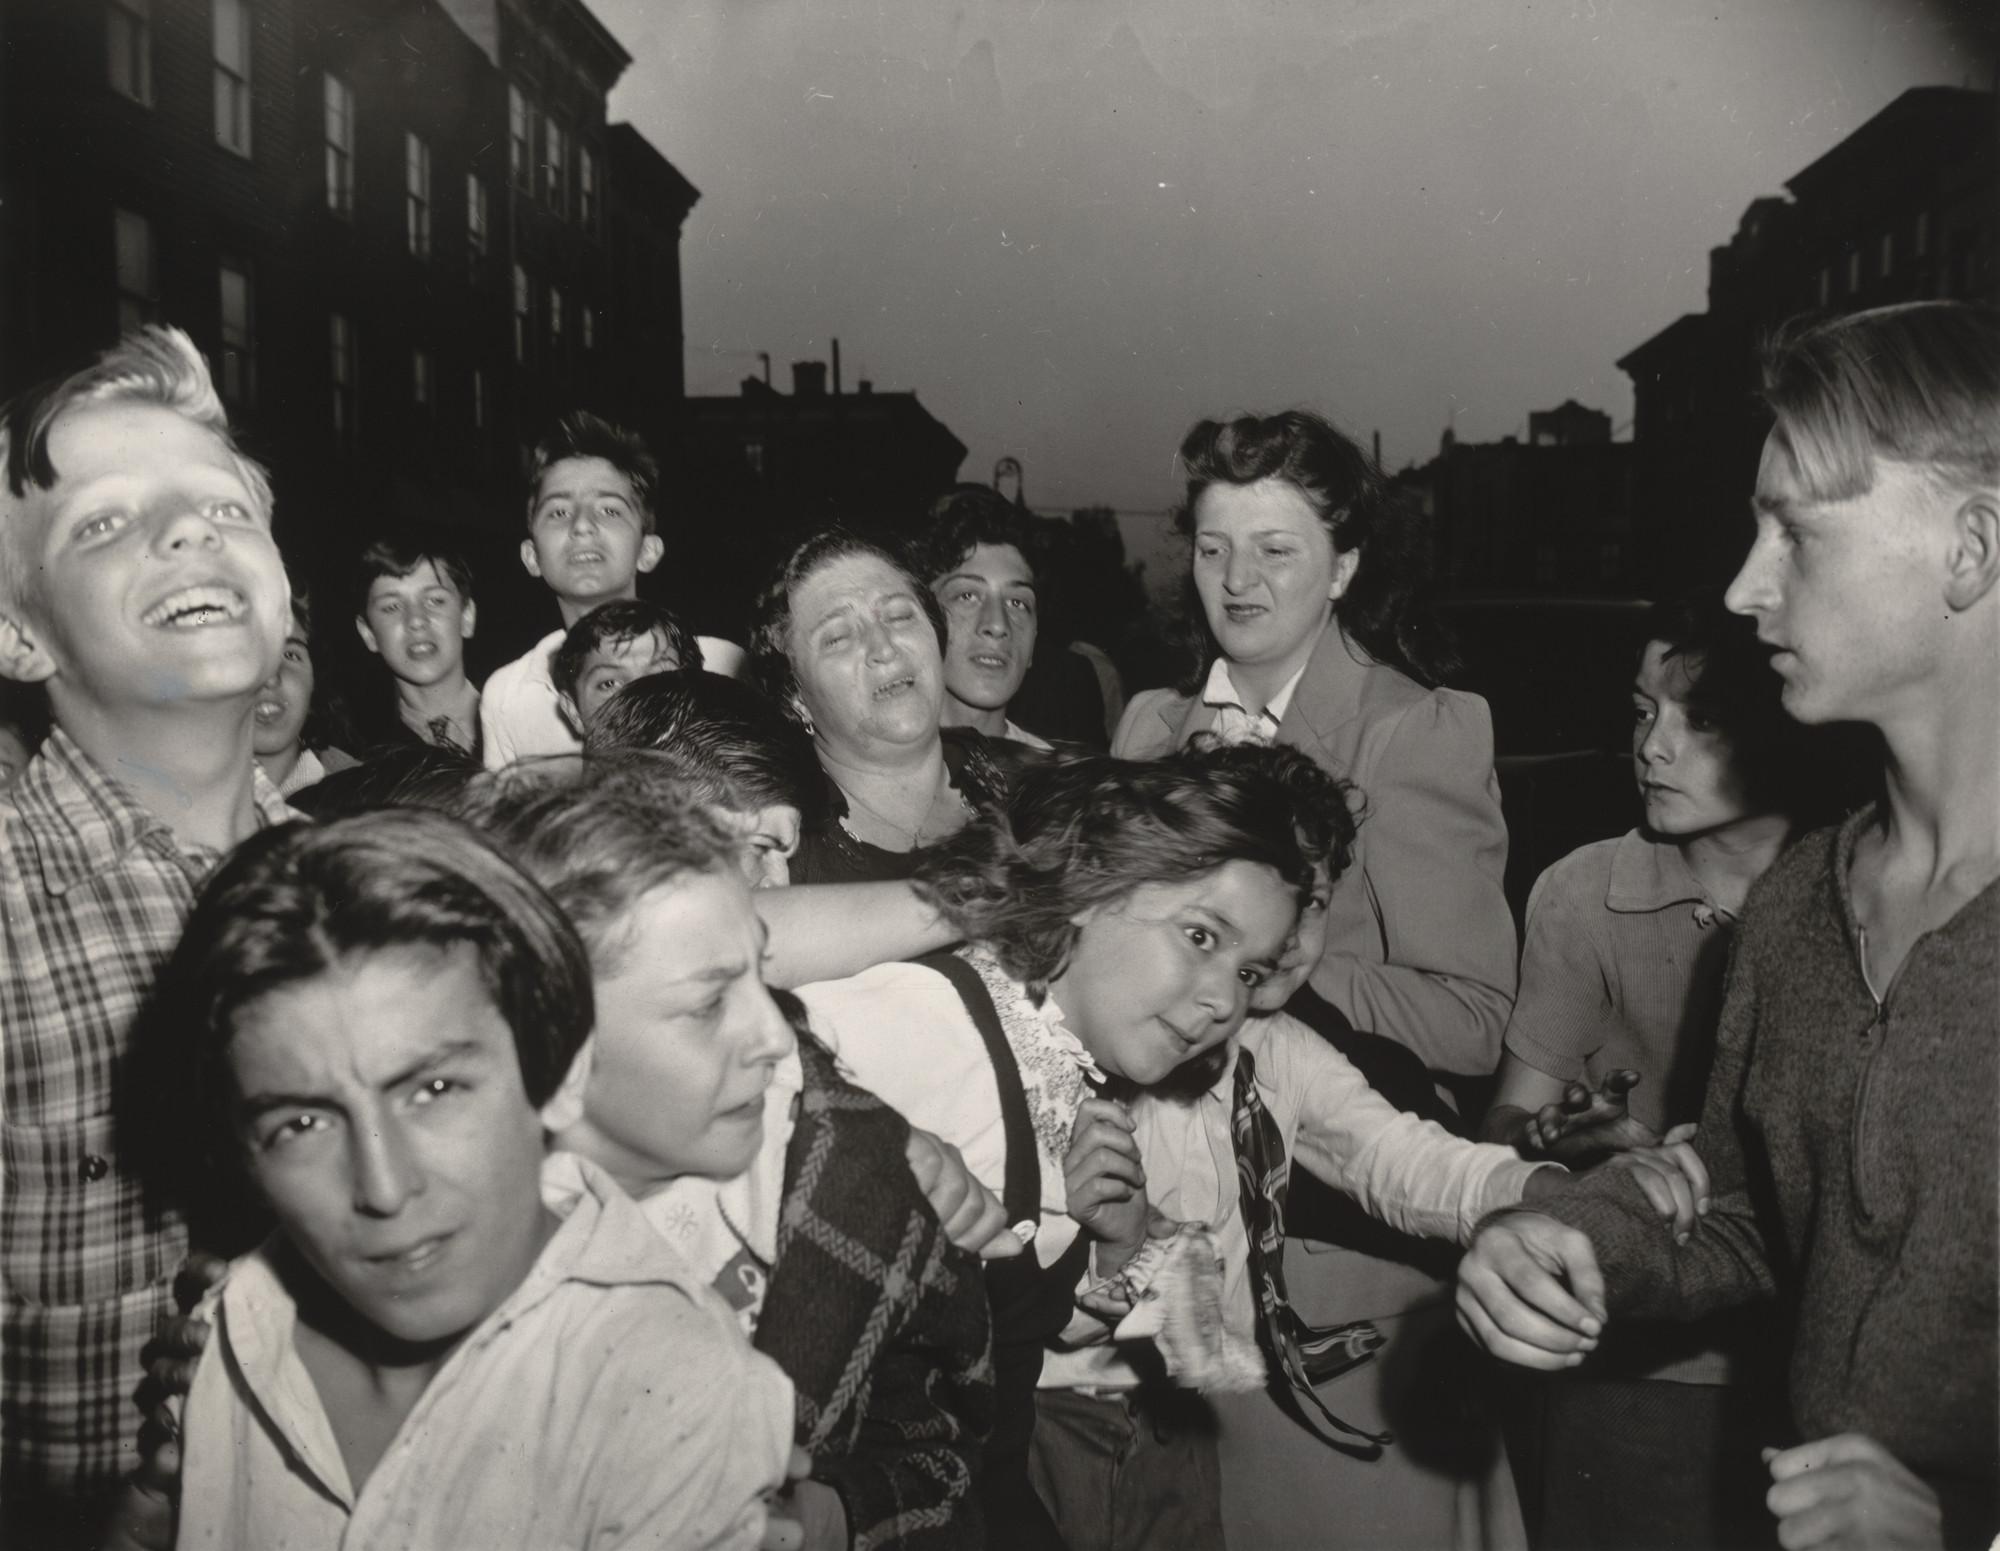 Weegee (Arthur Fellig) | MoMA